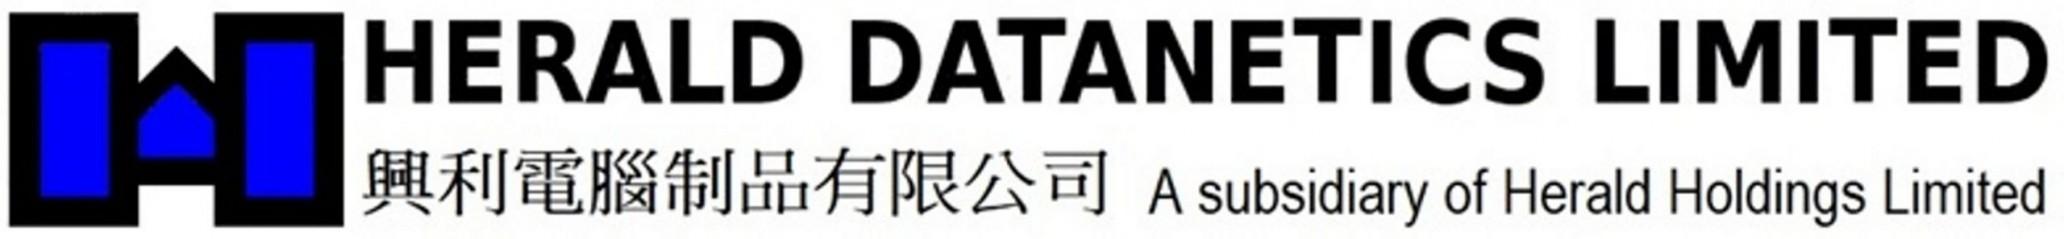 HDL-logo2c